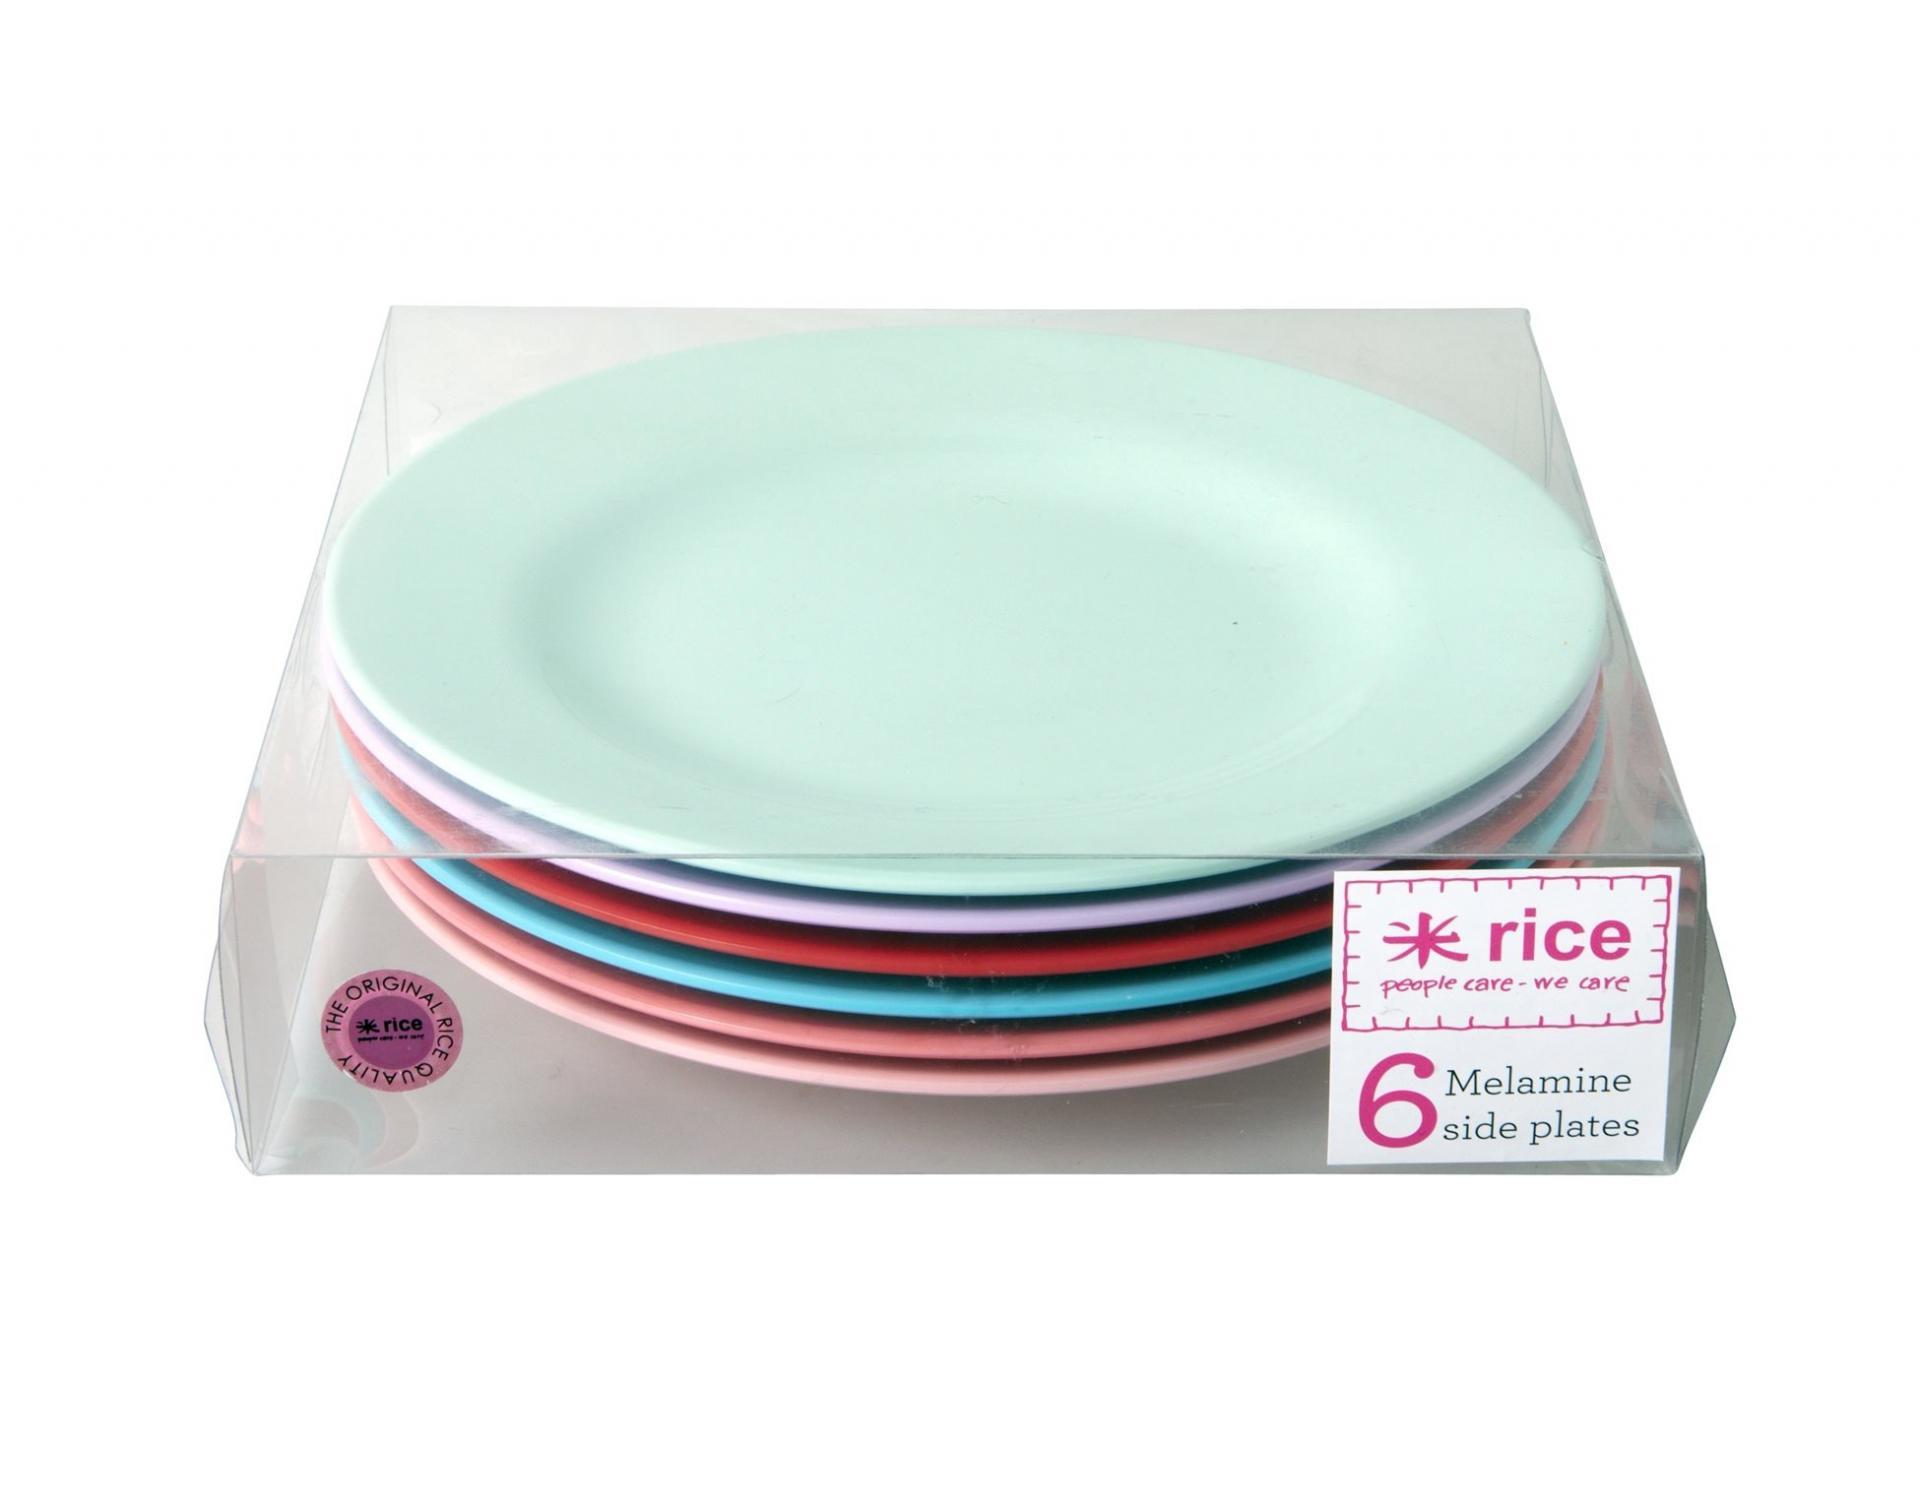 rice Melaminové talířky Extraordinary - set 6 kusů, červená barva, růžová barva, fialová barva, zelená barva, melamin